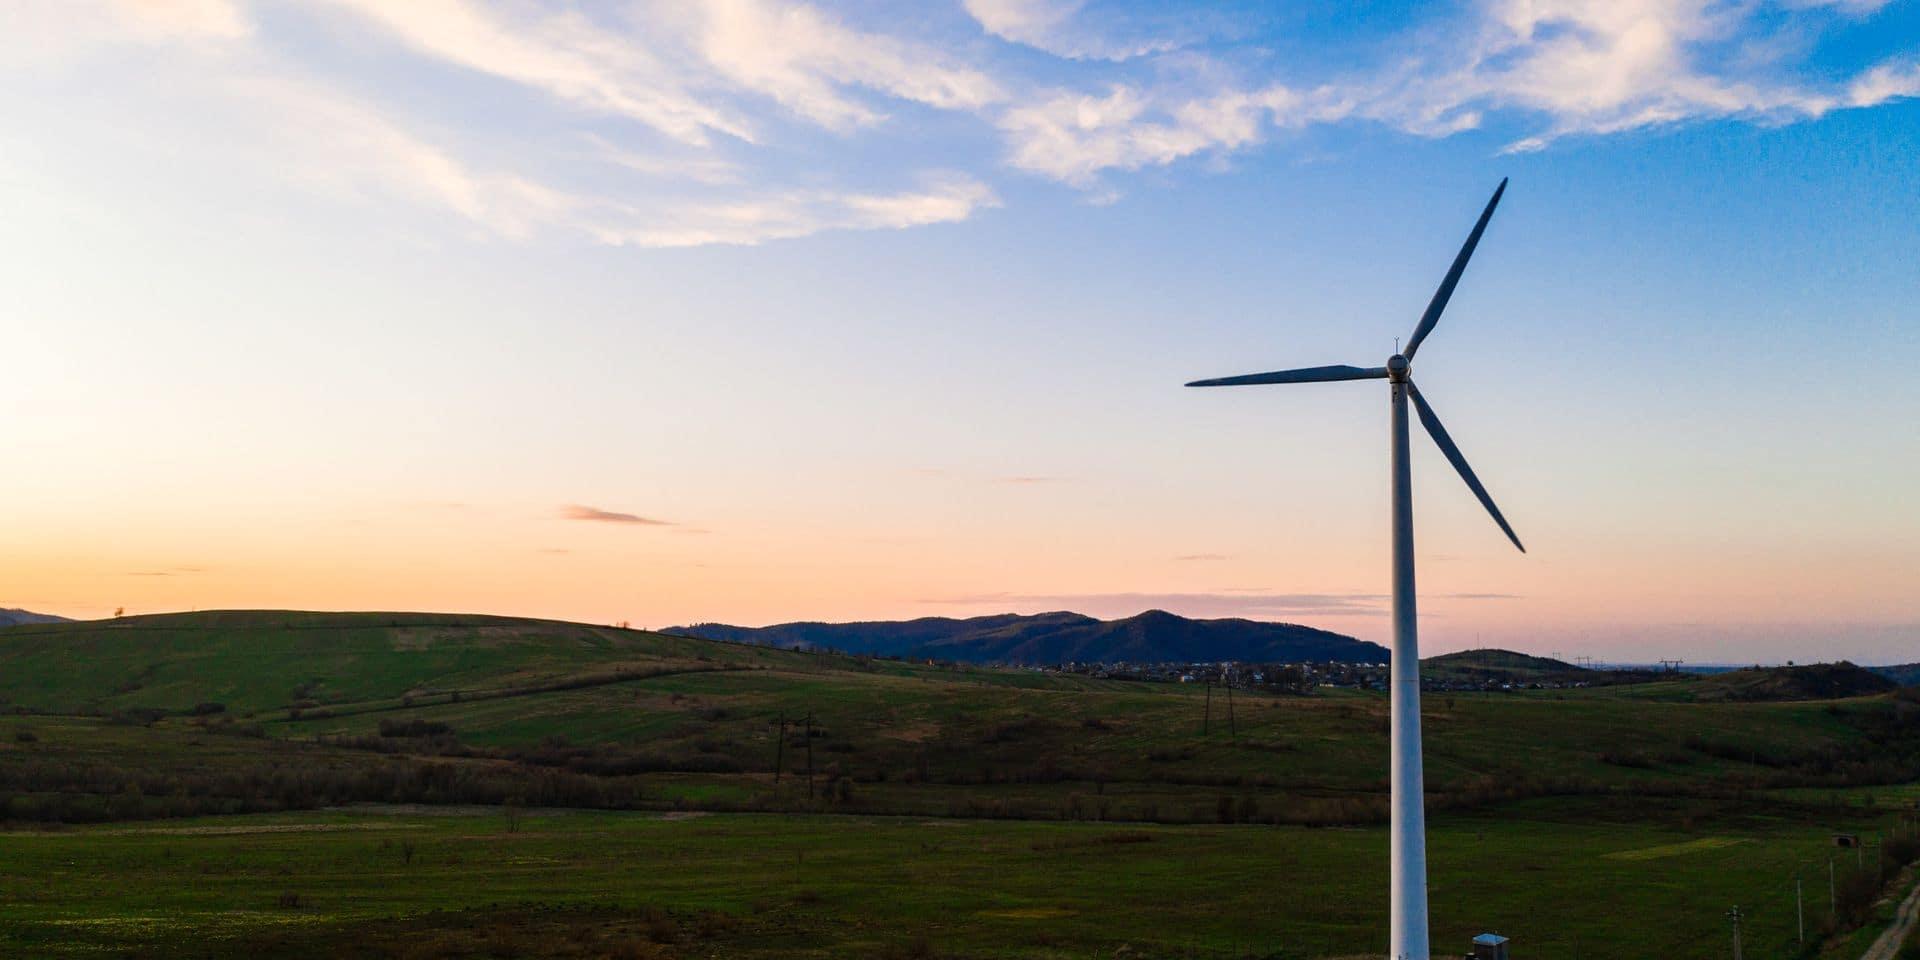 Permis de construire accordé pour la plus haute éolienne de Belgique